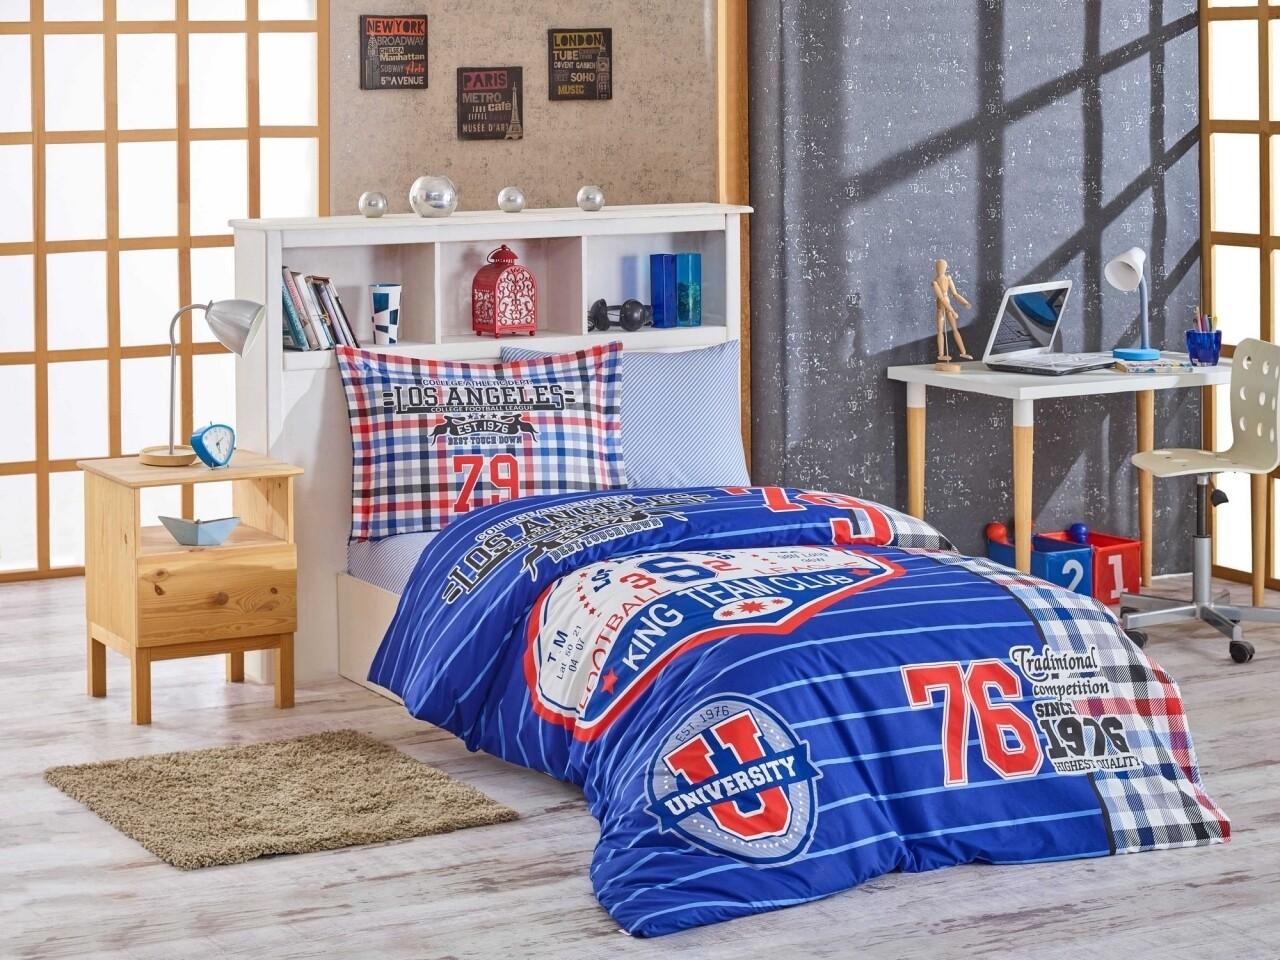 Lenjerie de pat pentru o persoana, 3 piese, 100% bumbac poplin, Hobby, Collage, multicolora